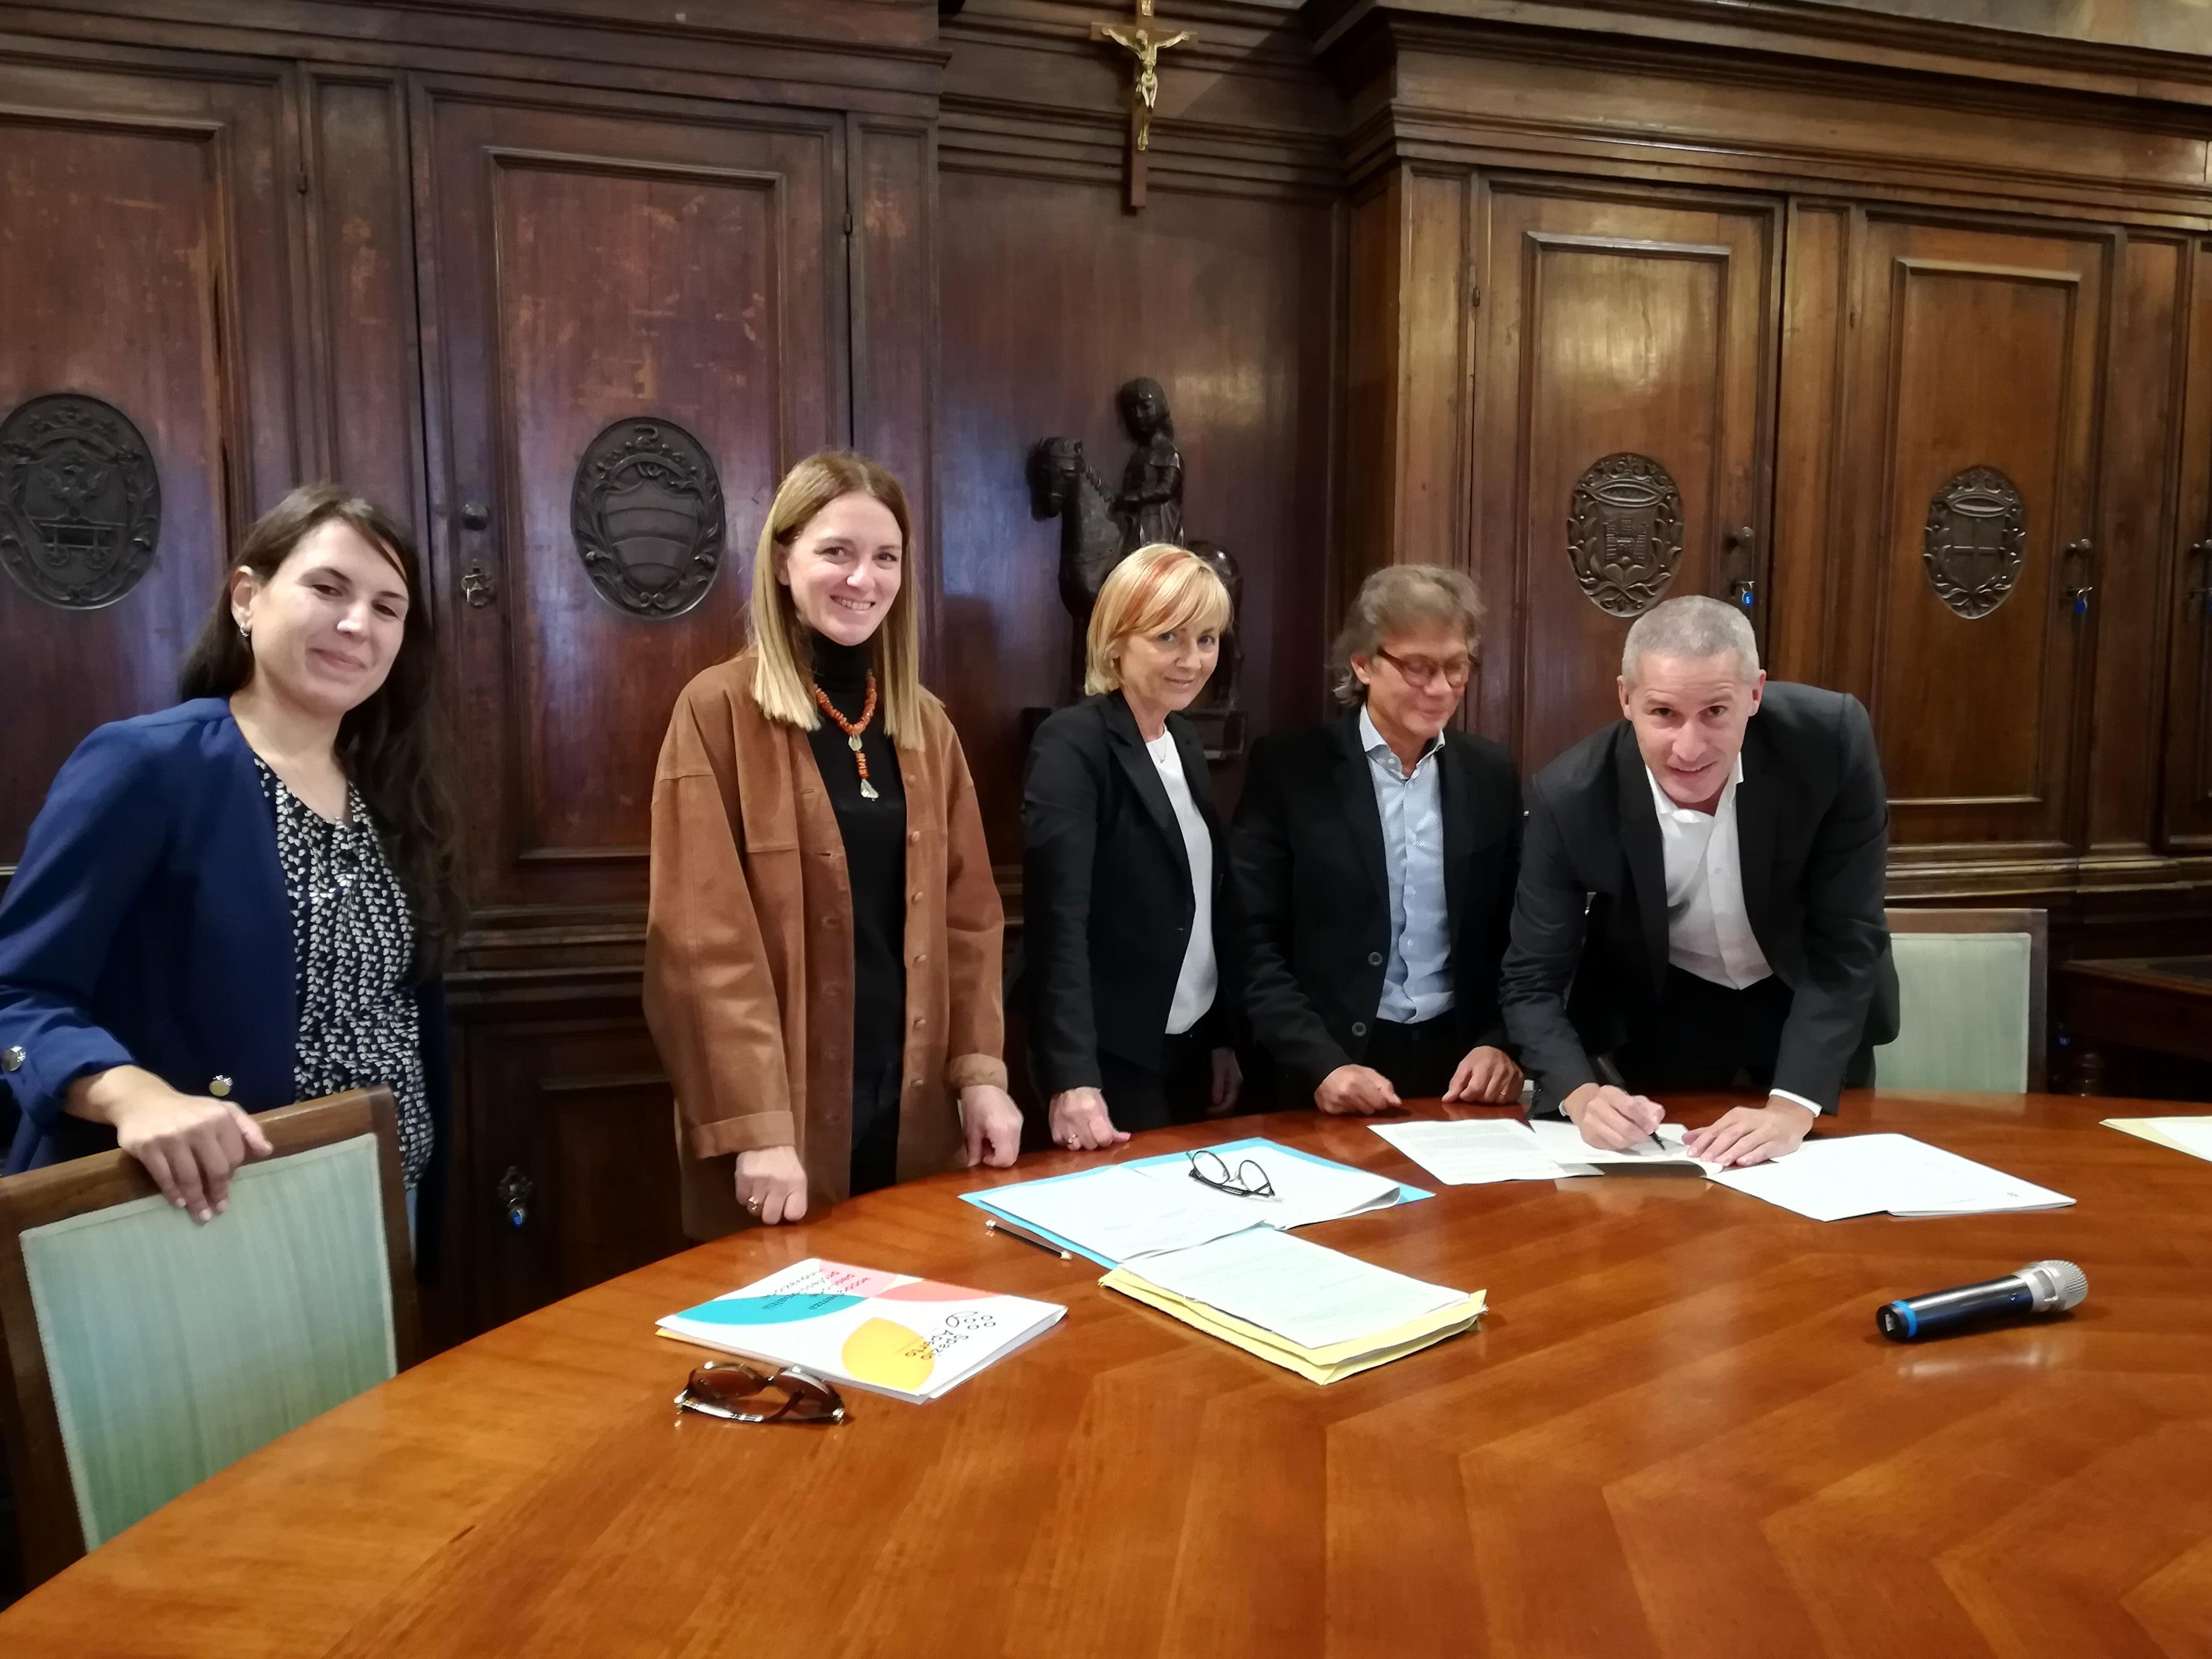 firma patto di sussidiarietà-2